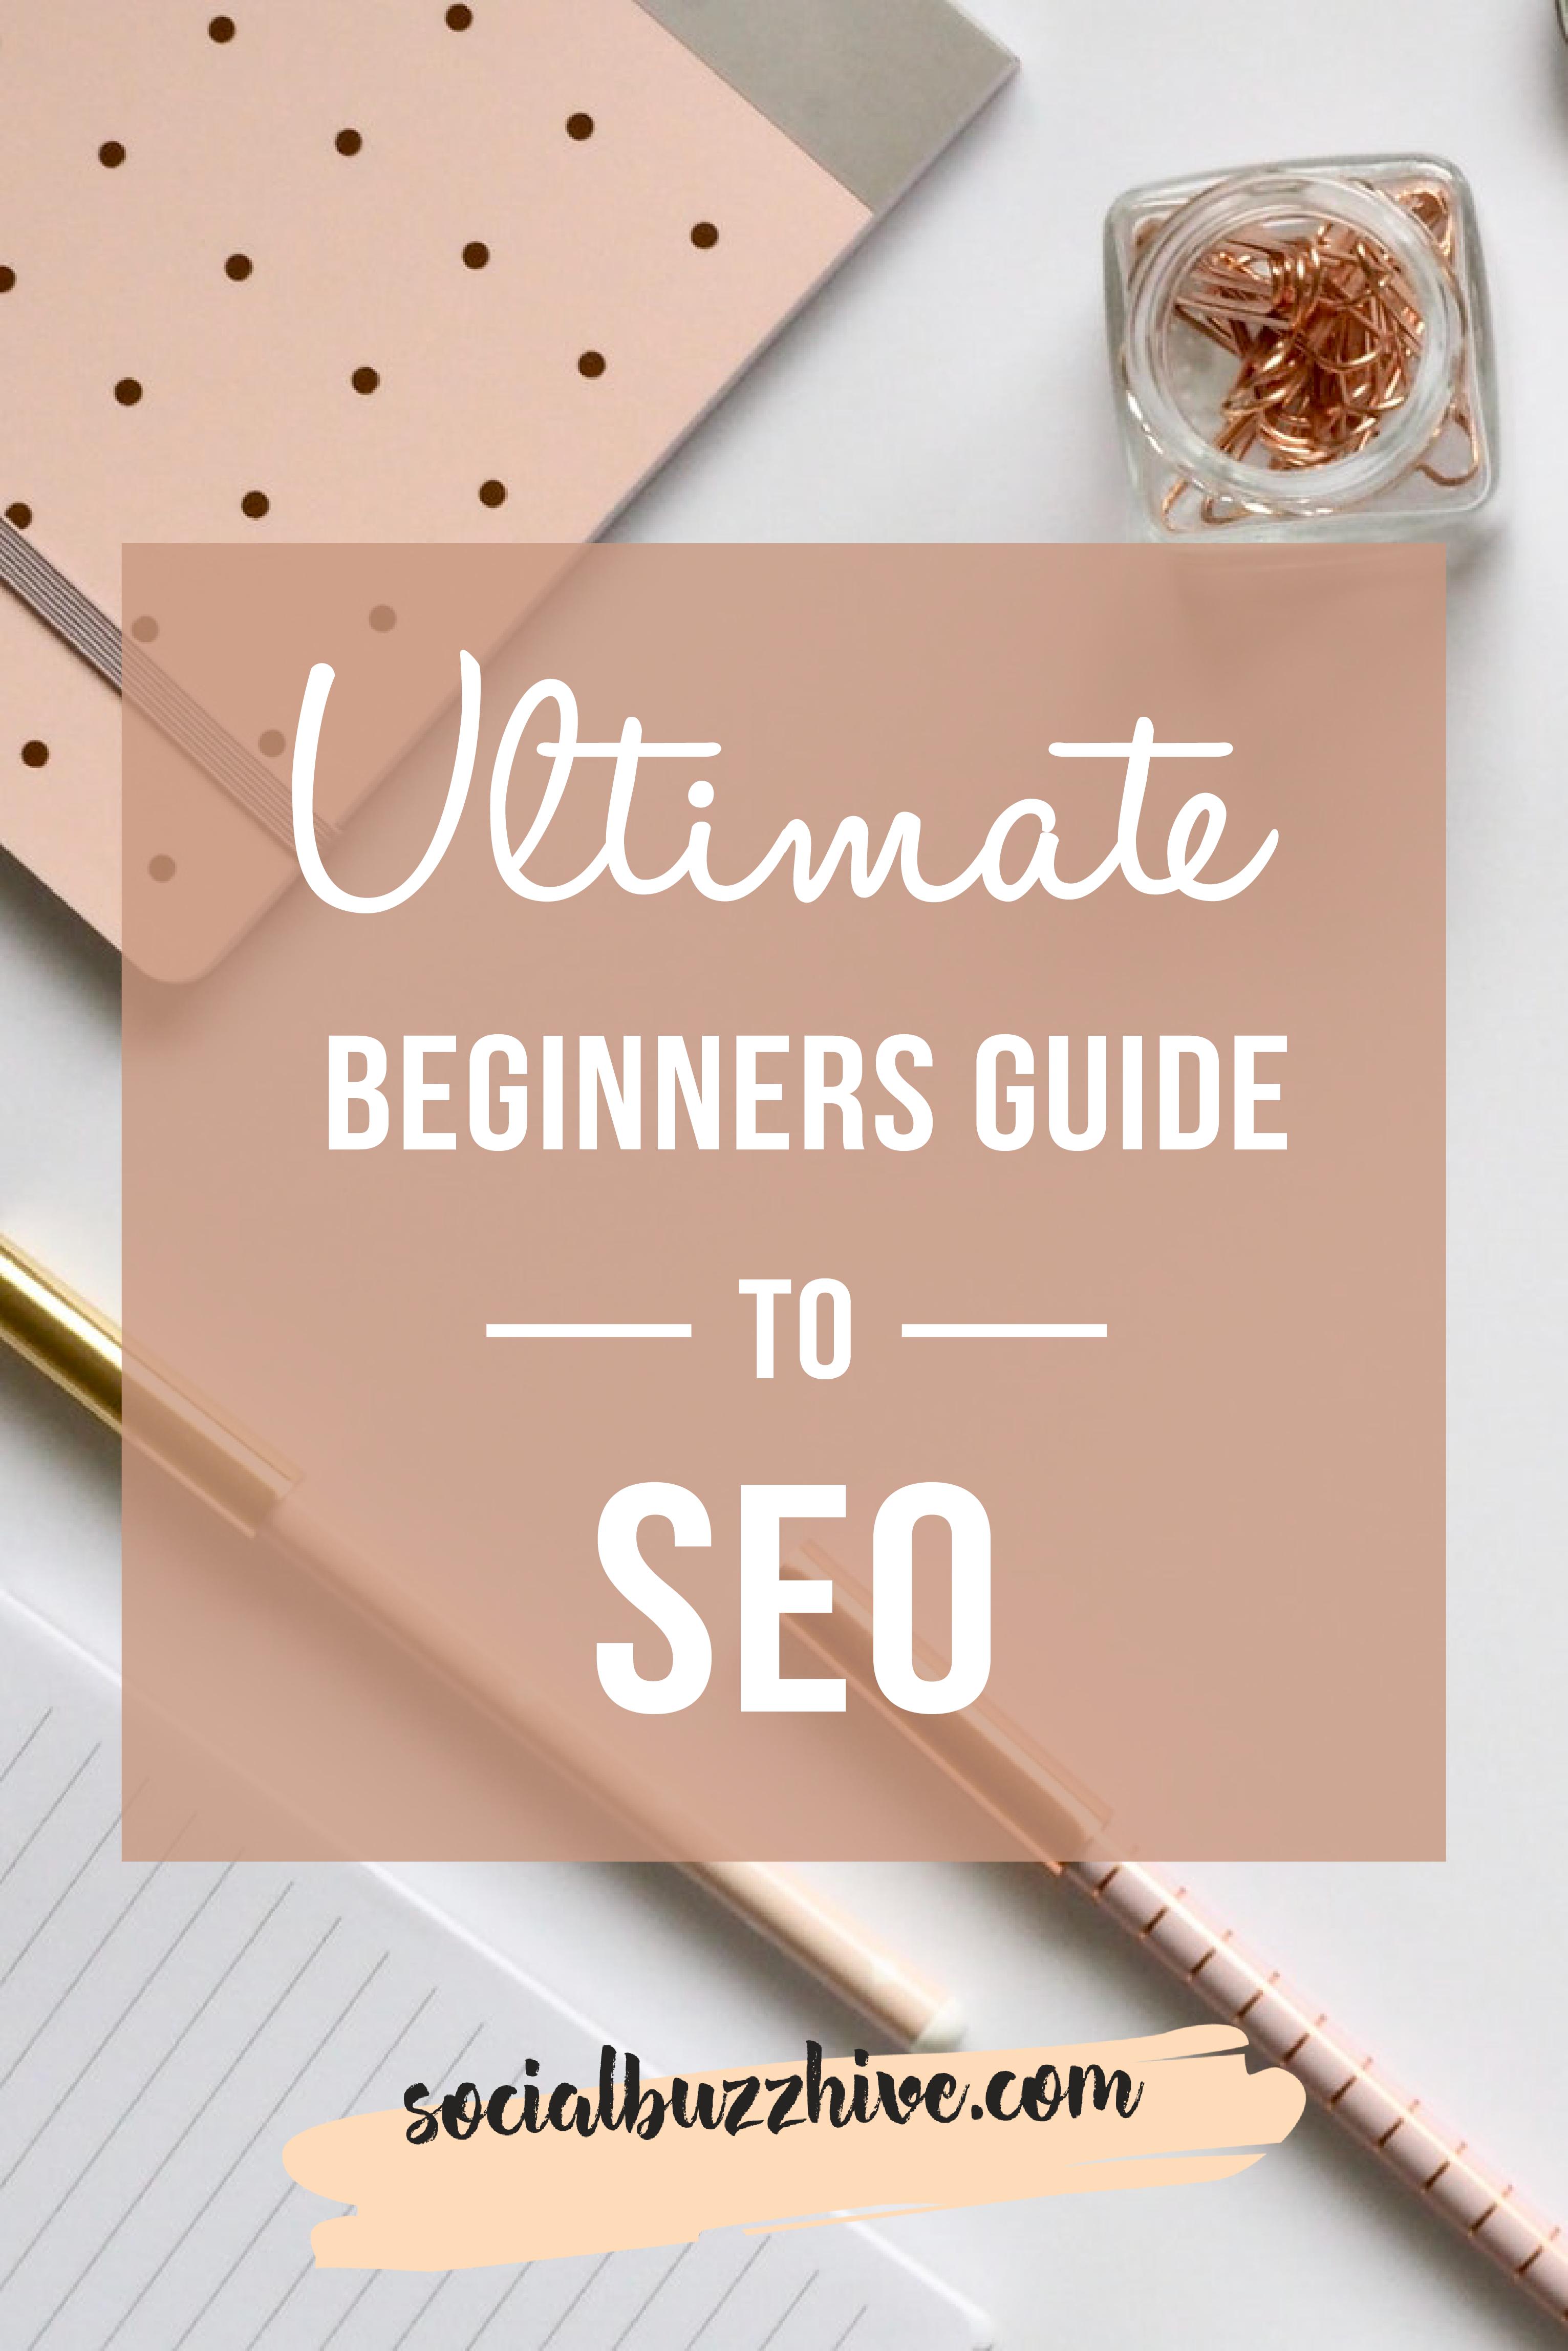 SEO beginner's guide pinterest image pin